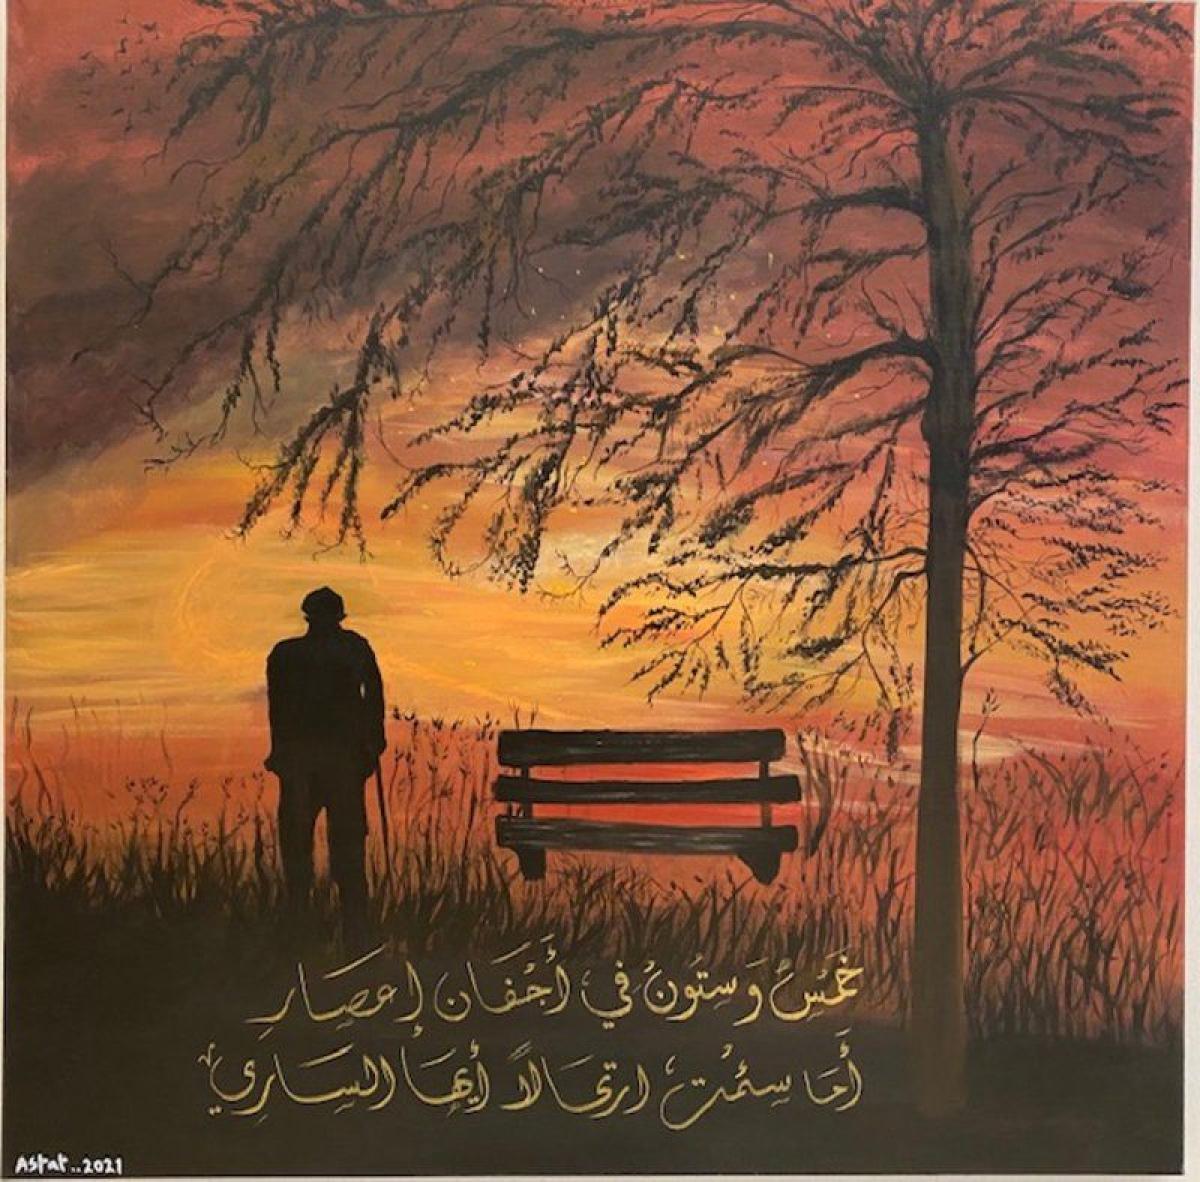 """بعد 11 عامًا من وفاته.. فتاة تشارك غازي القصيبي """"حديقة الغروب"""""""